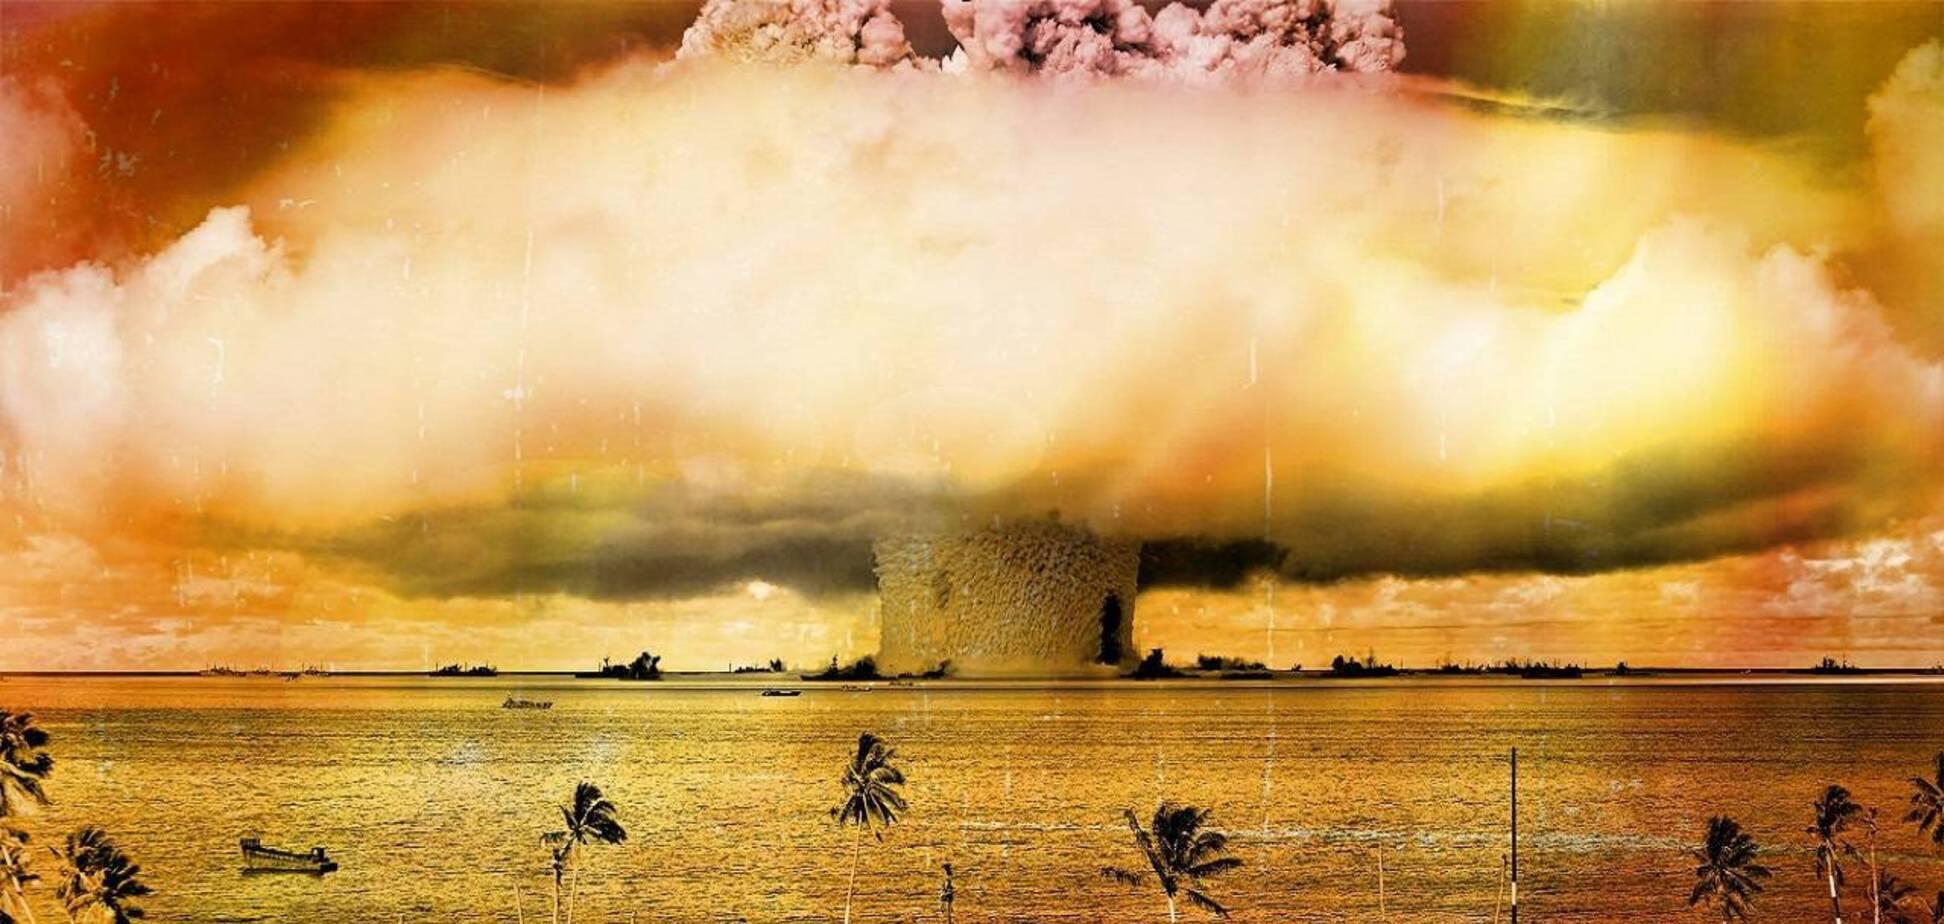 Ядерные испытания на атолле Бикини отразились на экологии всей планеты